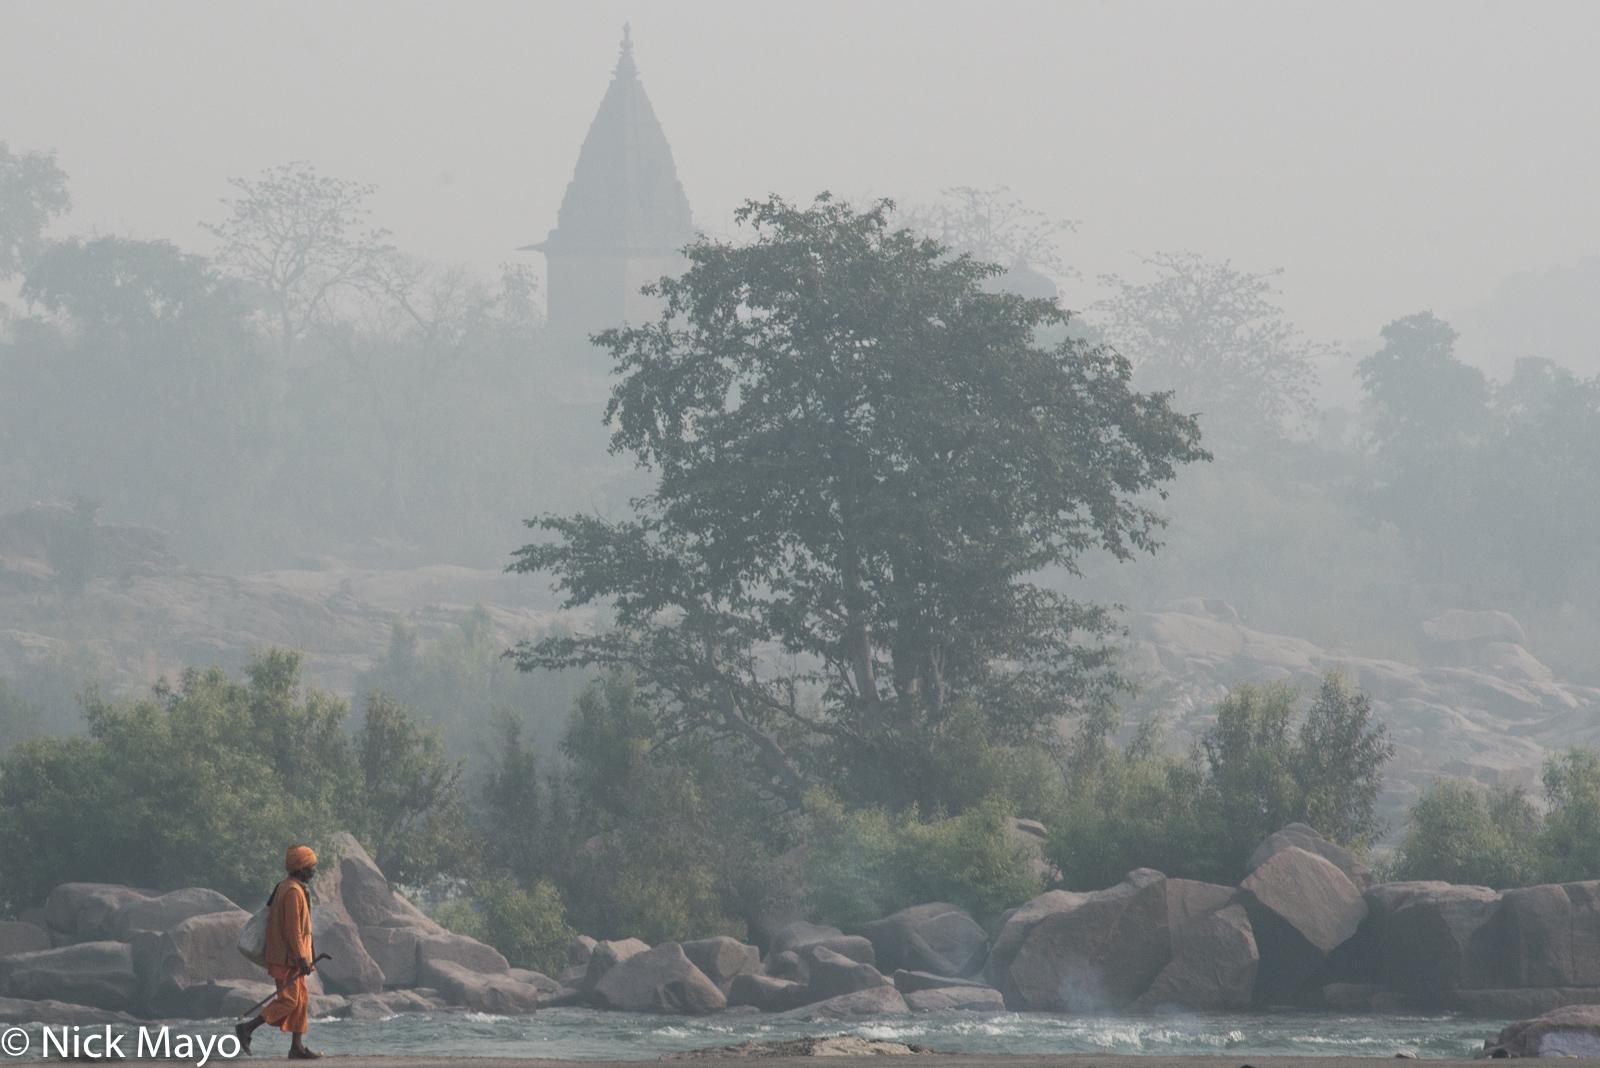 India, Madhya Pradesh, Sadhu, photo